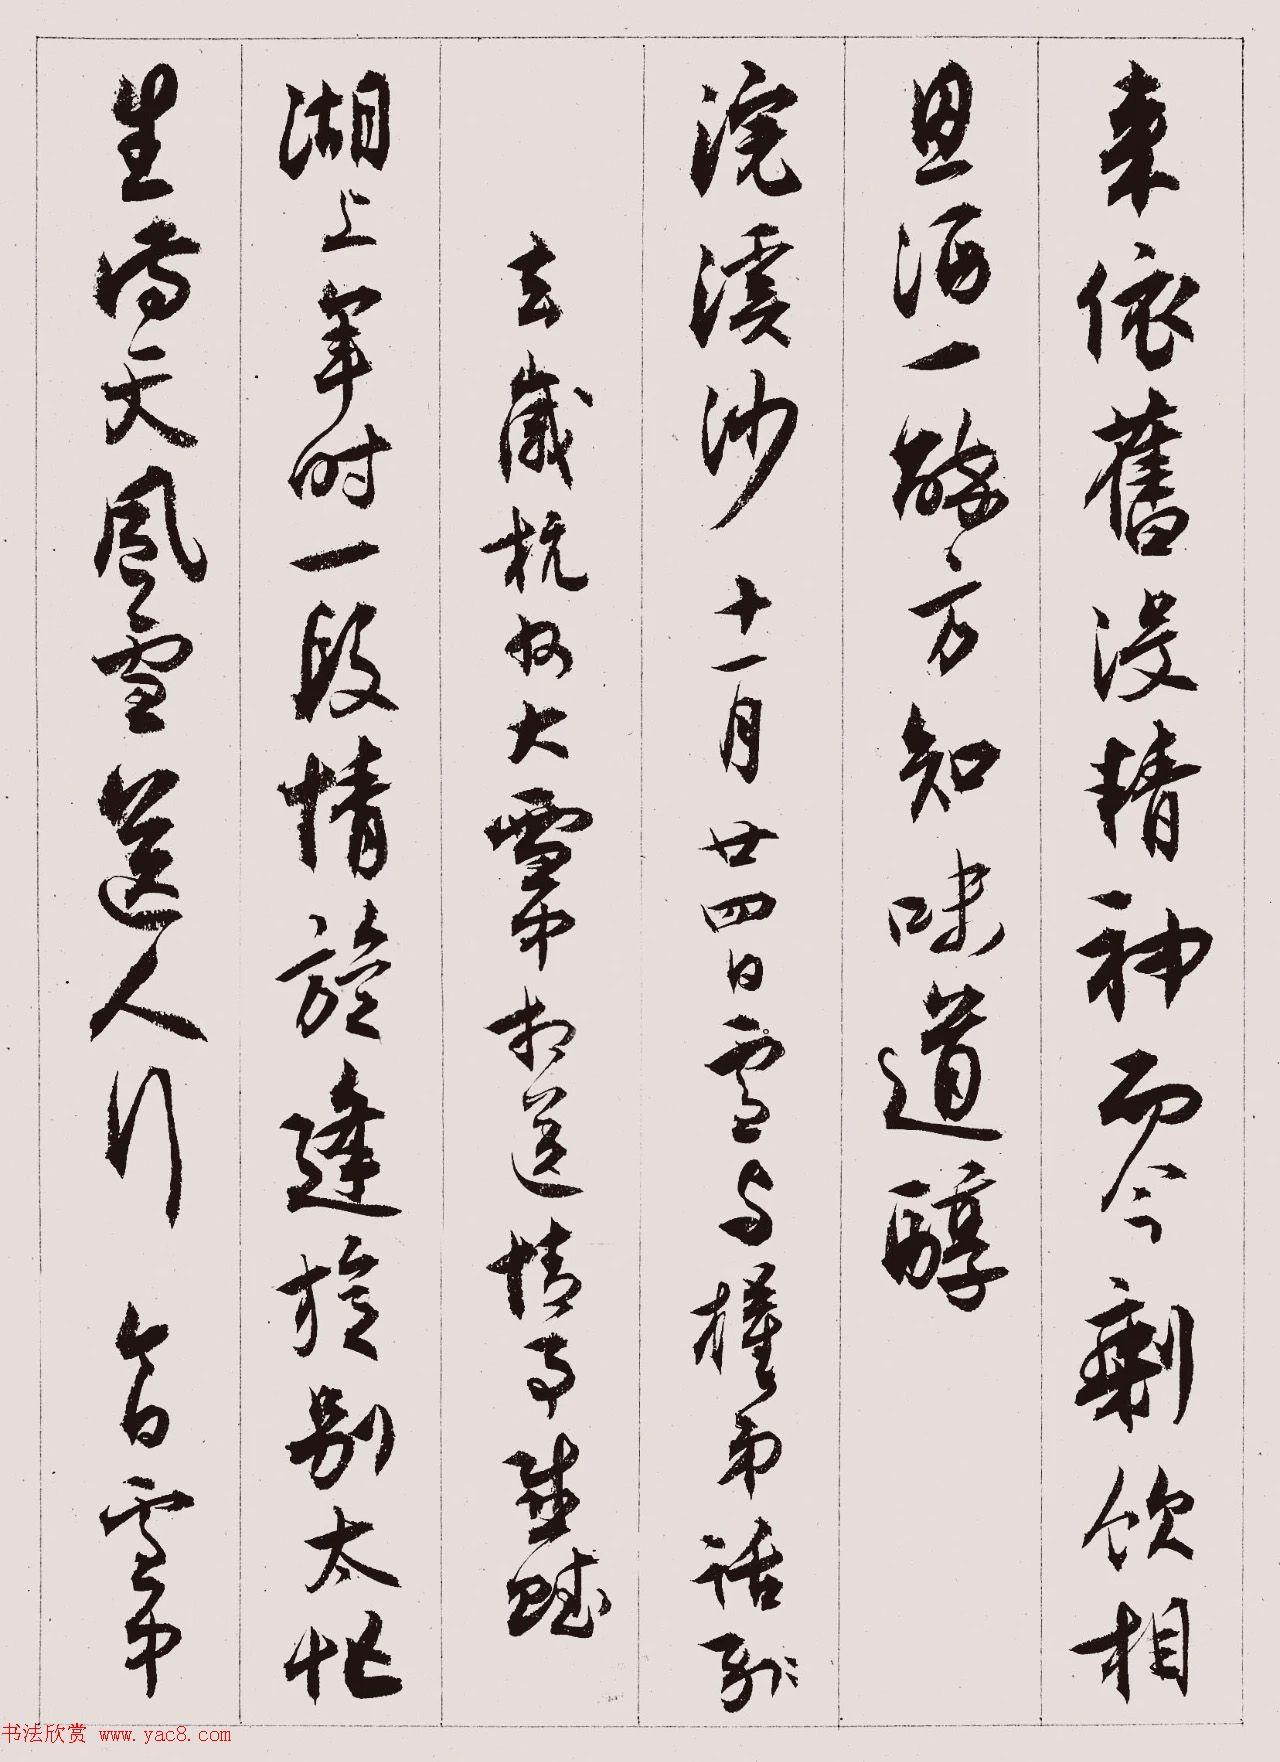 沈尹默书法册页《春蚕词》